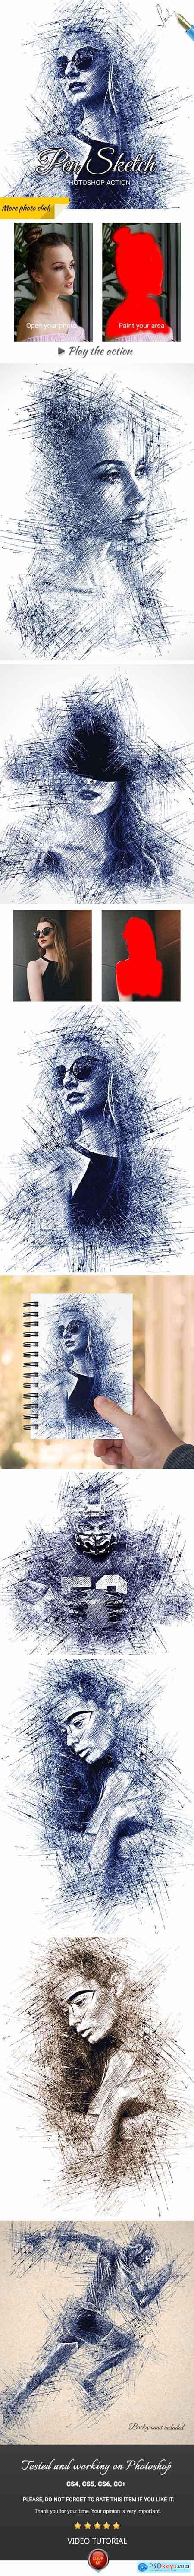 Pen Sketch Photoshop Action 25003520